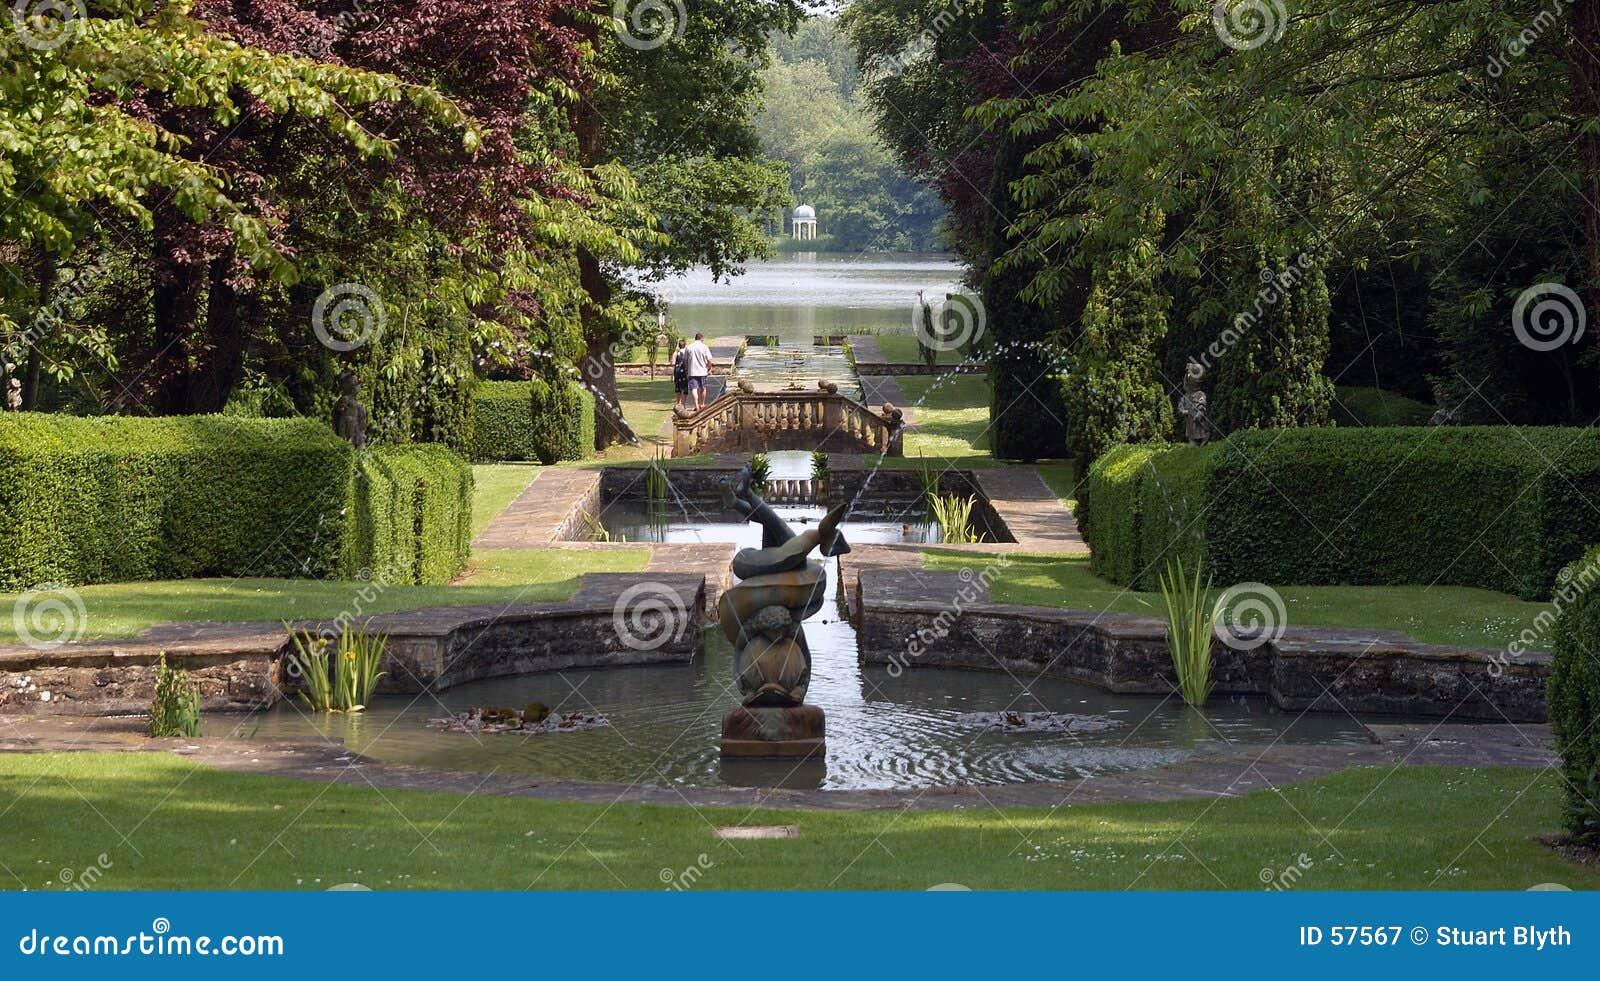 Jardin romantique anglais photographie stock libre de droits image 57567 - Jardin romantique anglais ...